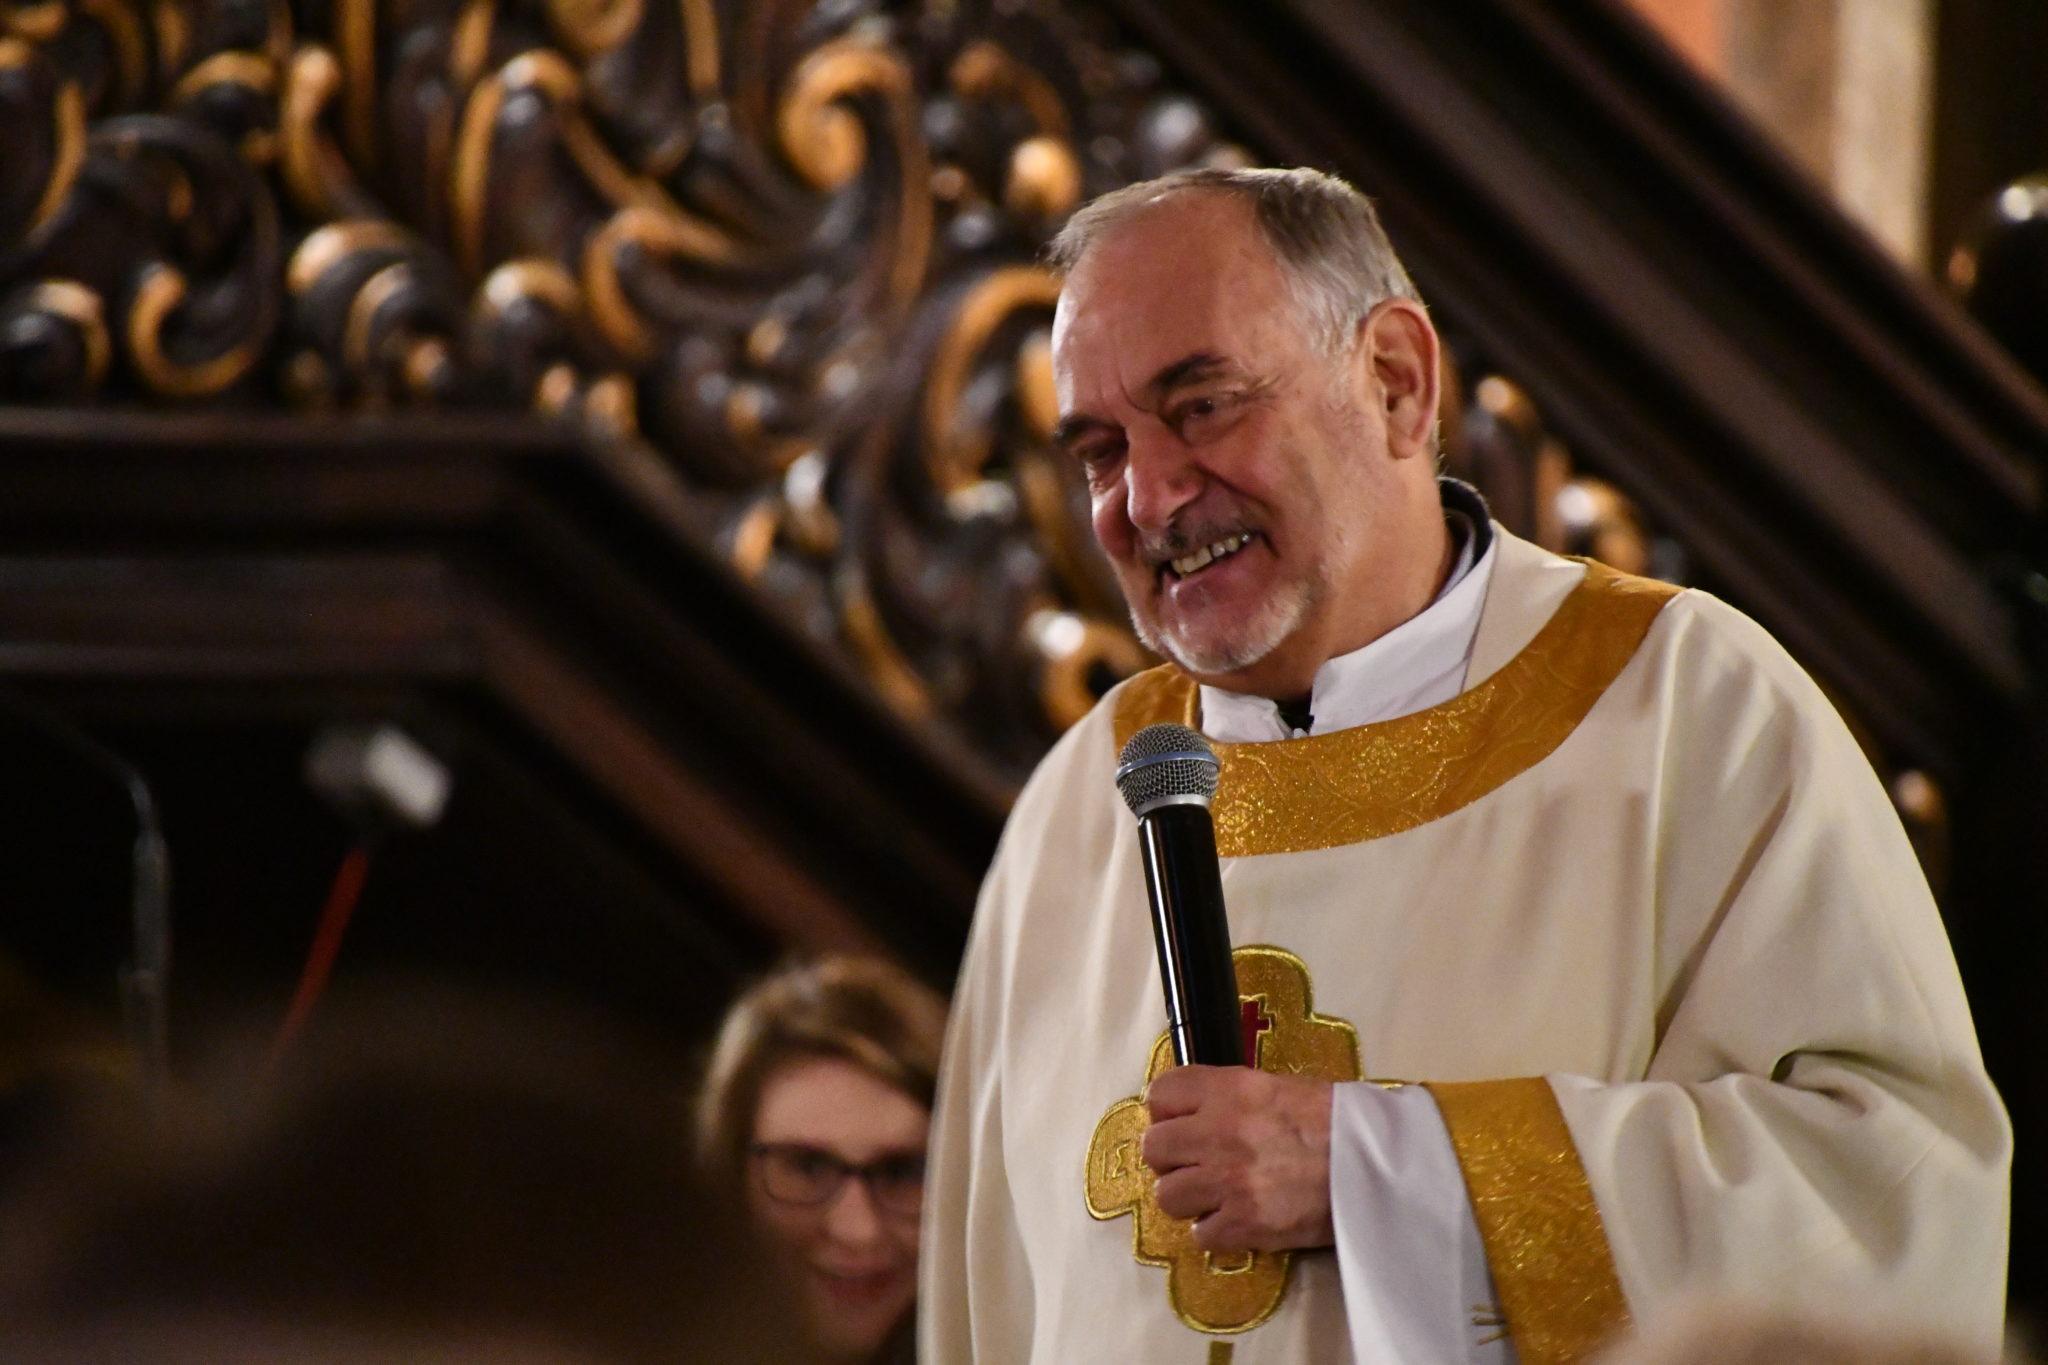 ojciec Antonello Caddedu radość przymierze miłosierdzia ewangelizacja misja Talitha Kum 2019 Poznań